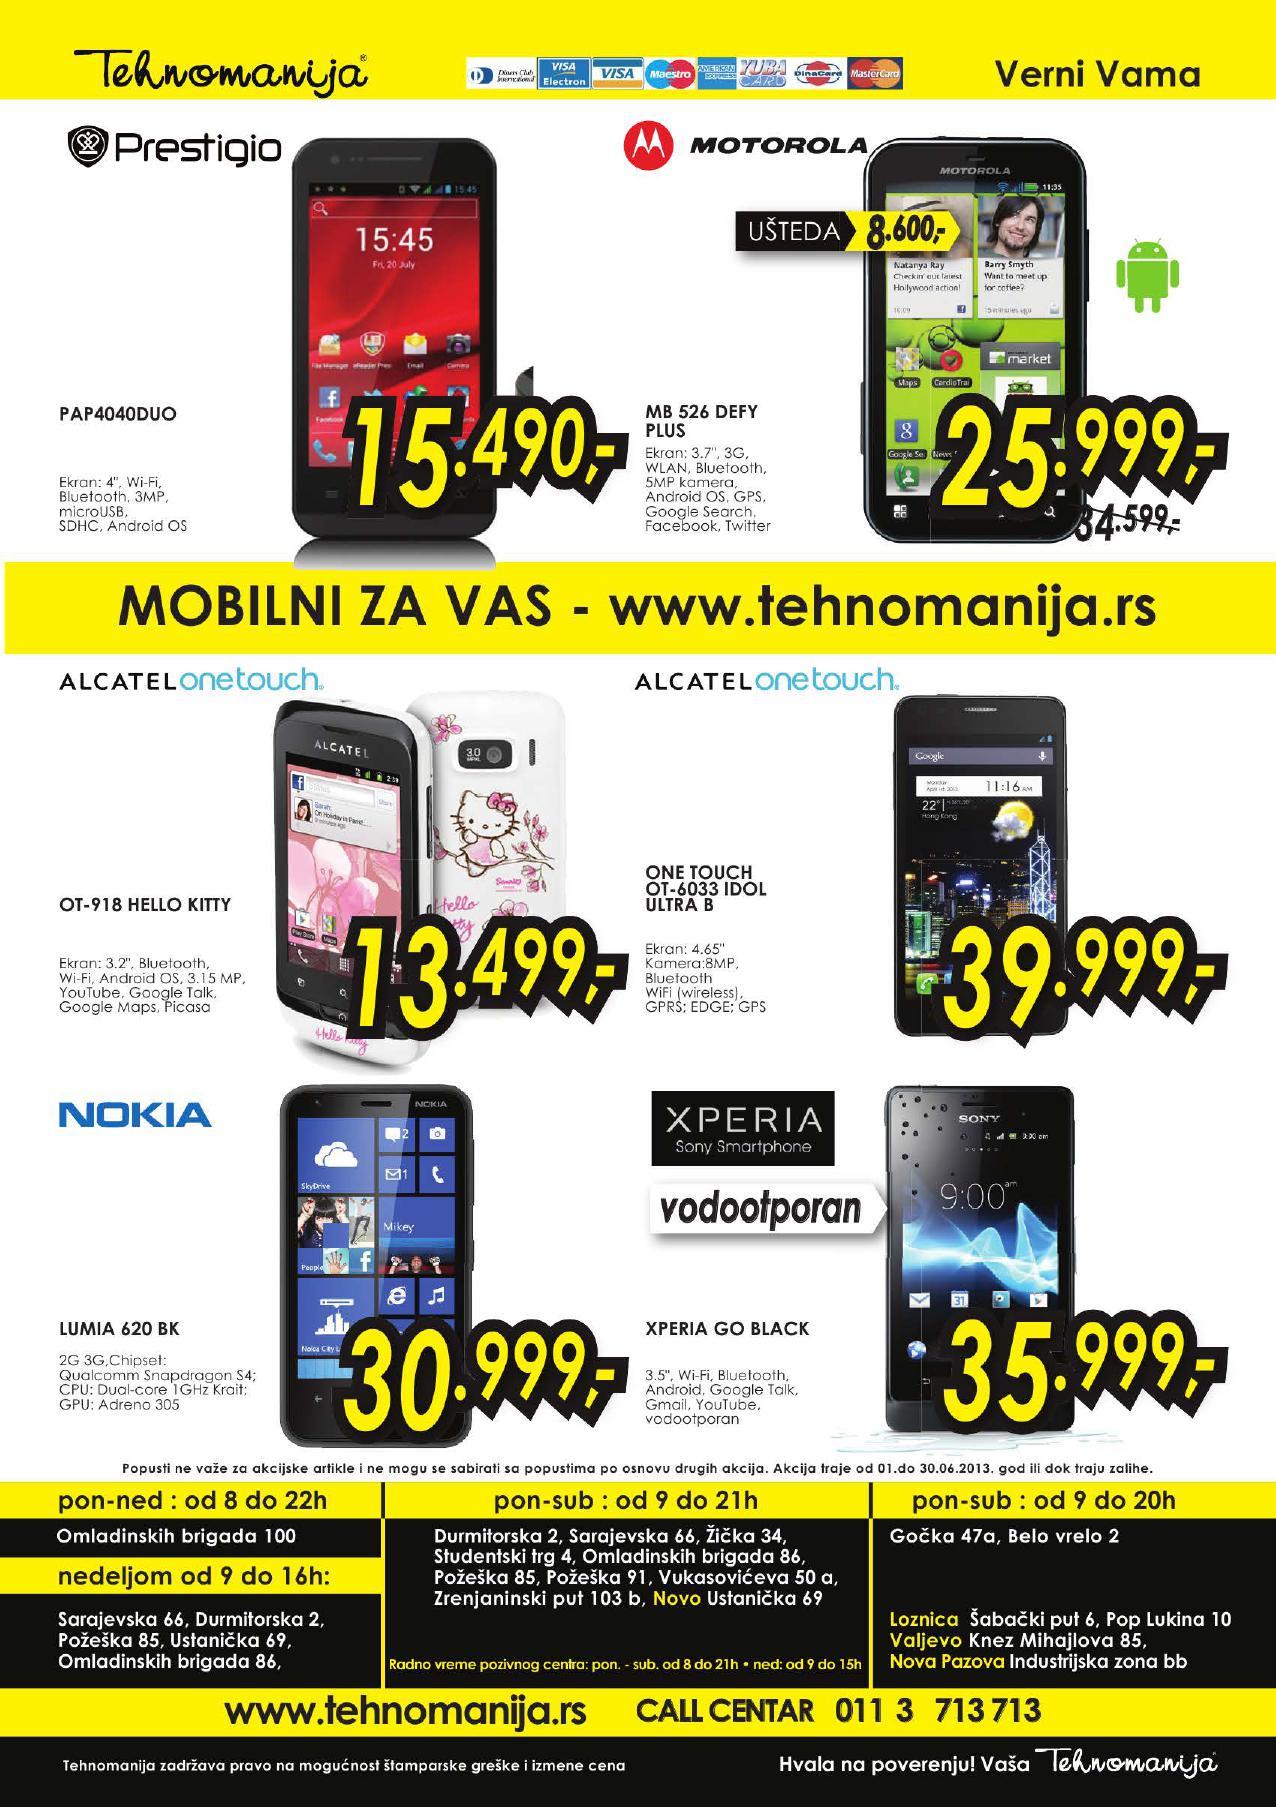 Tehnomanija Katalog Tablet i mobilni po super cenama